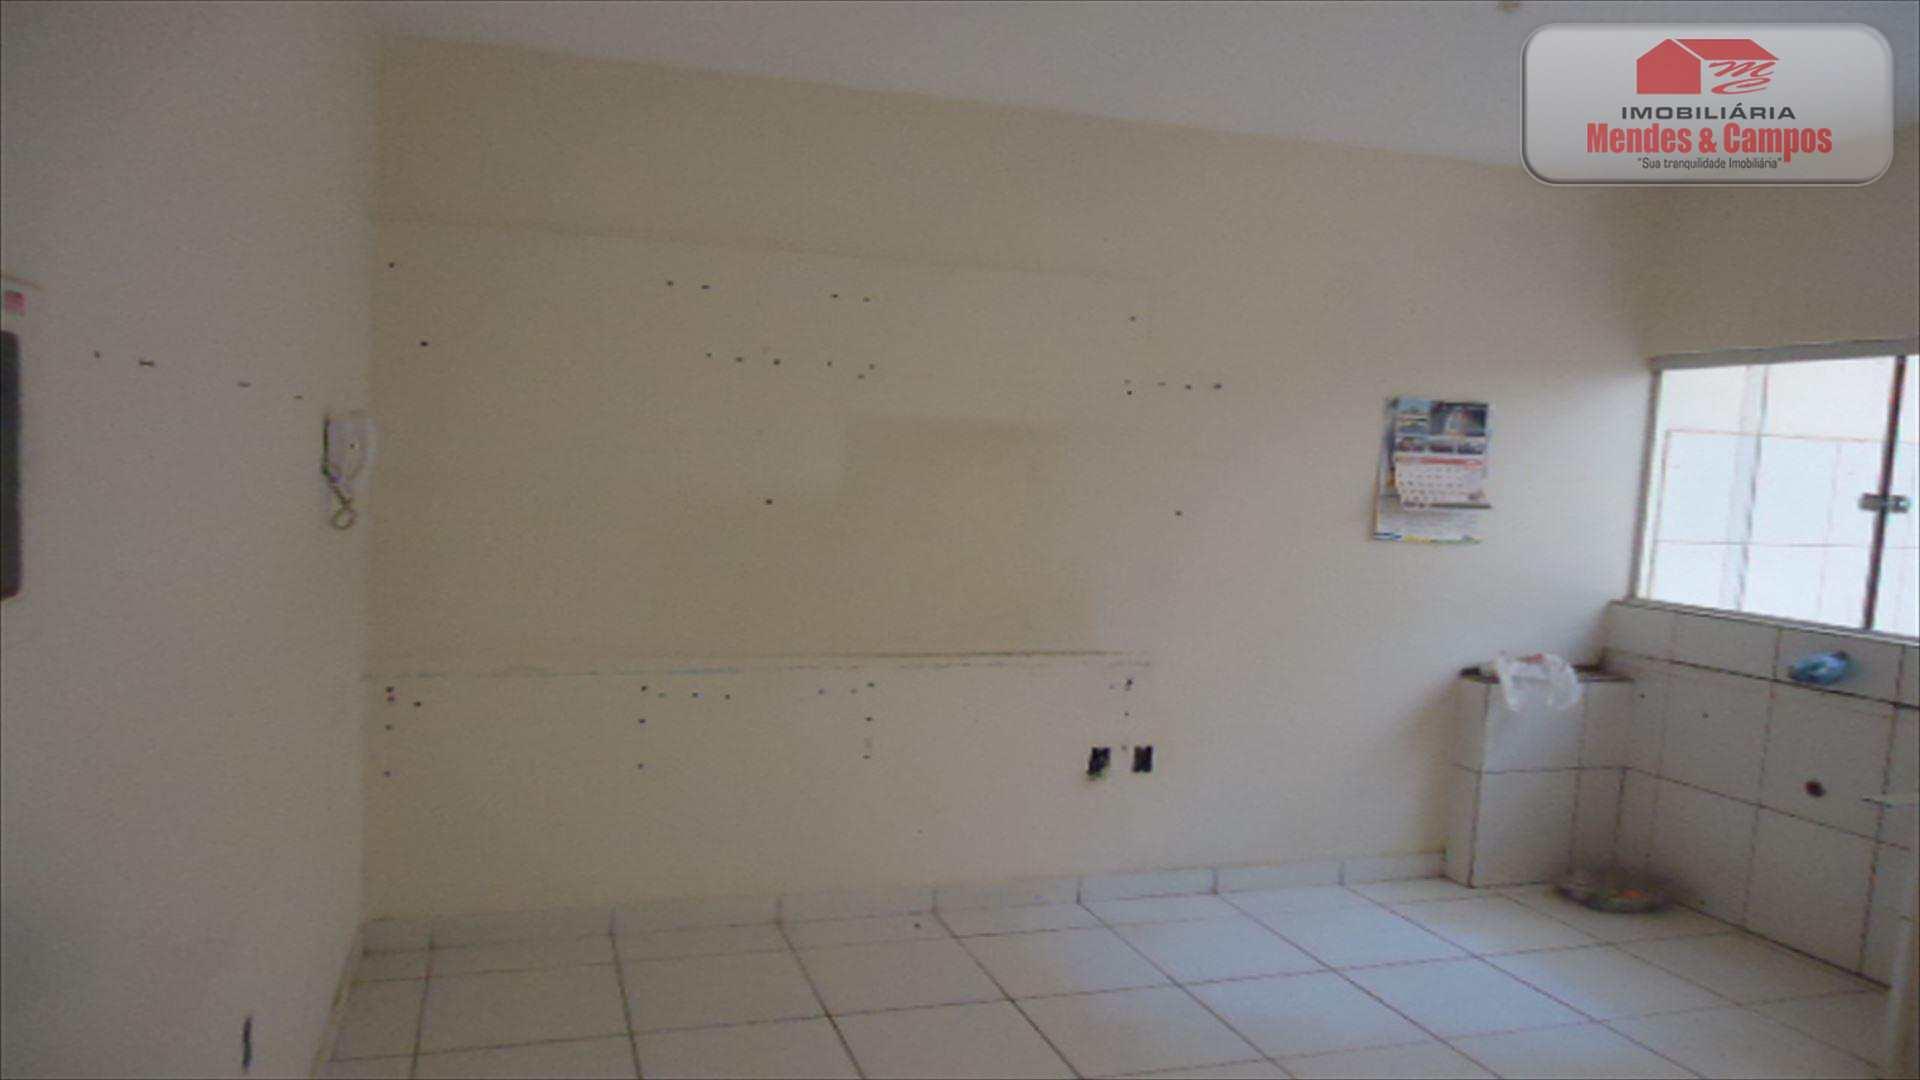 Apartamento em Ariquemes bairro Setor 03